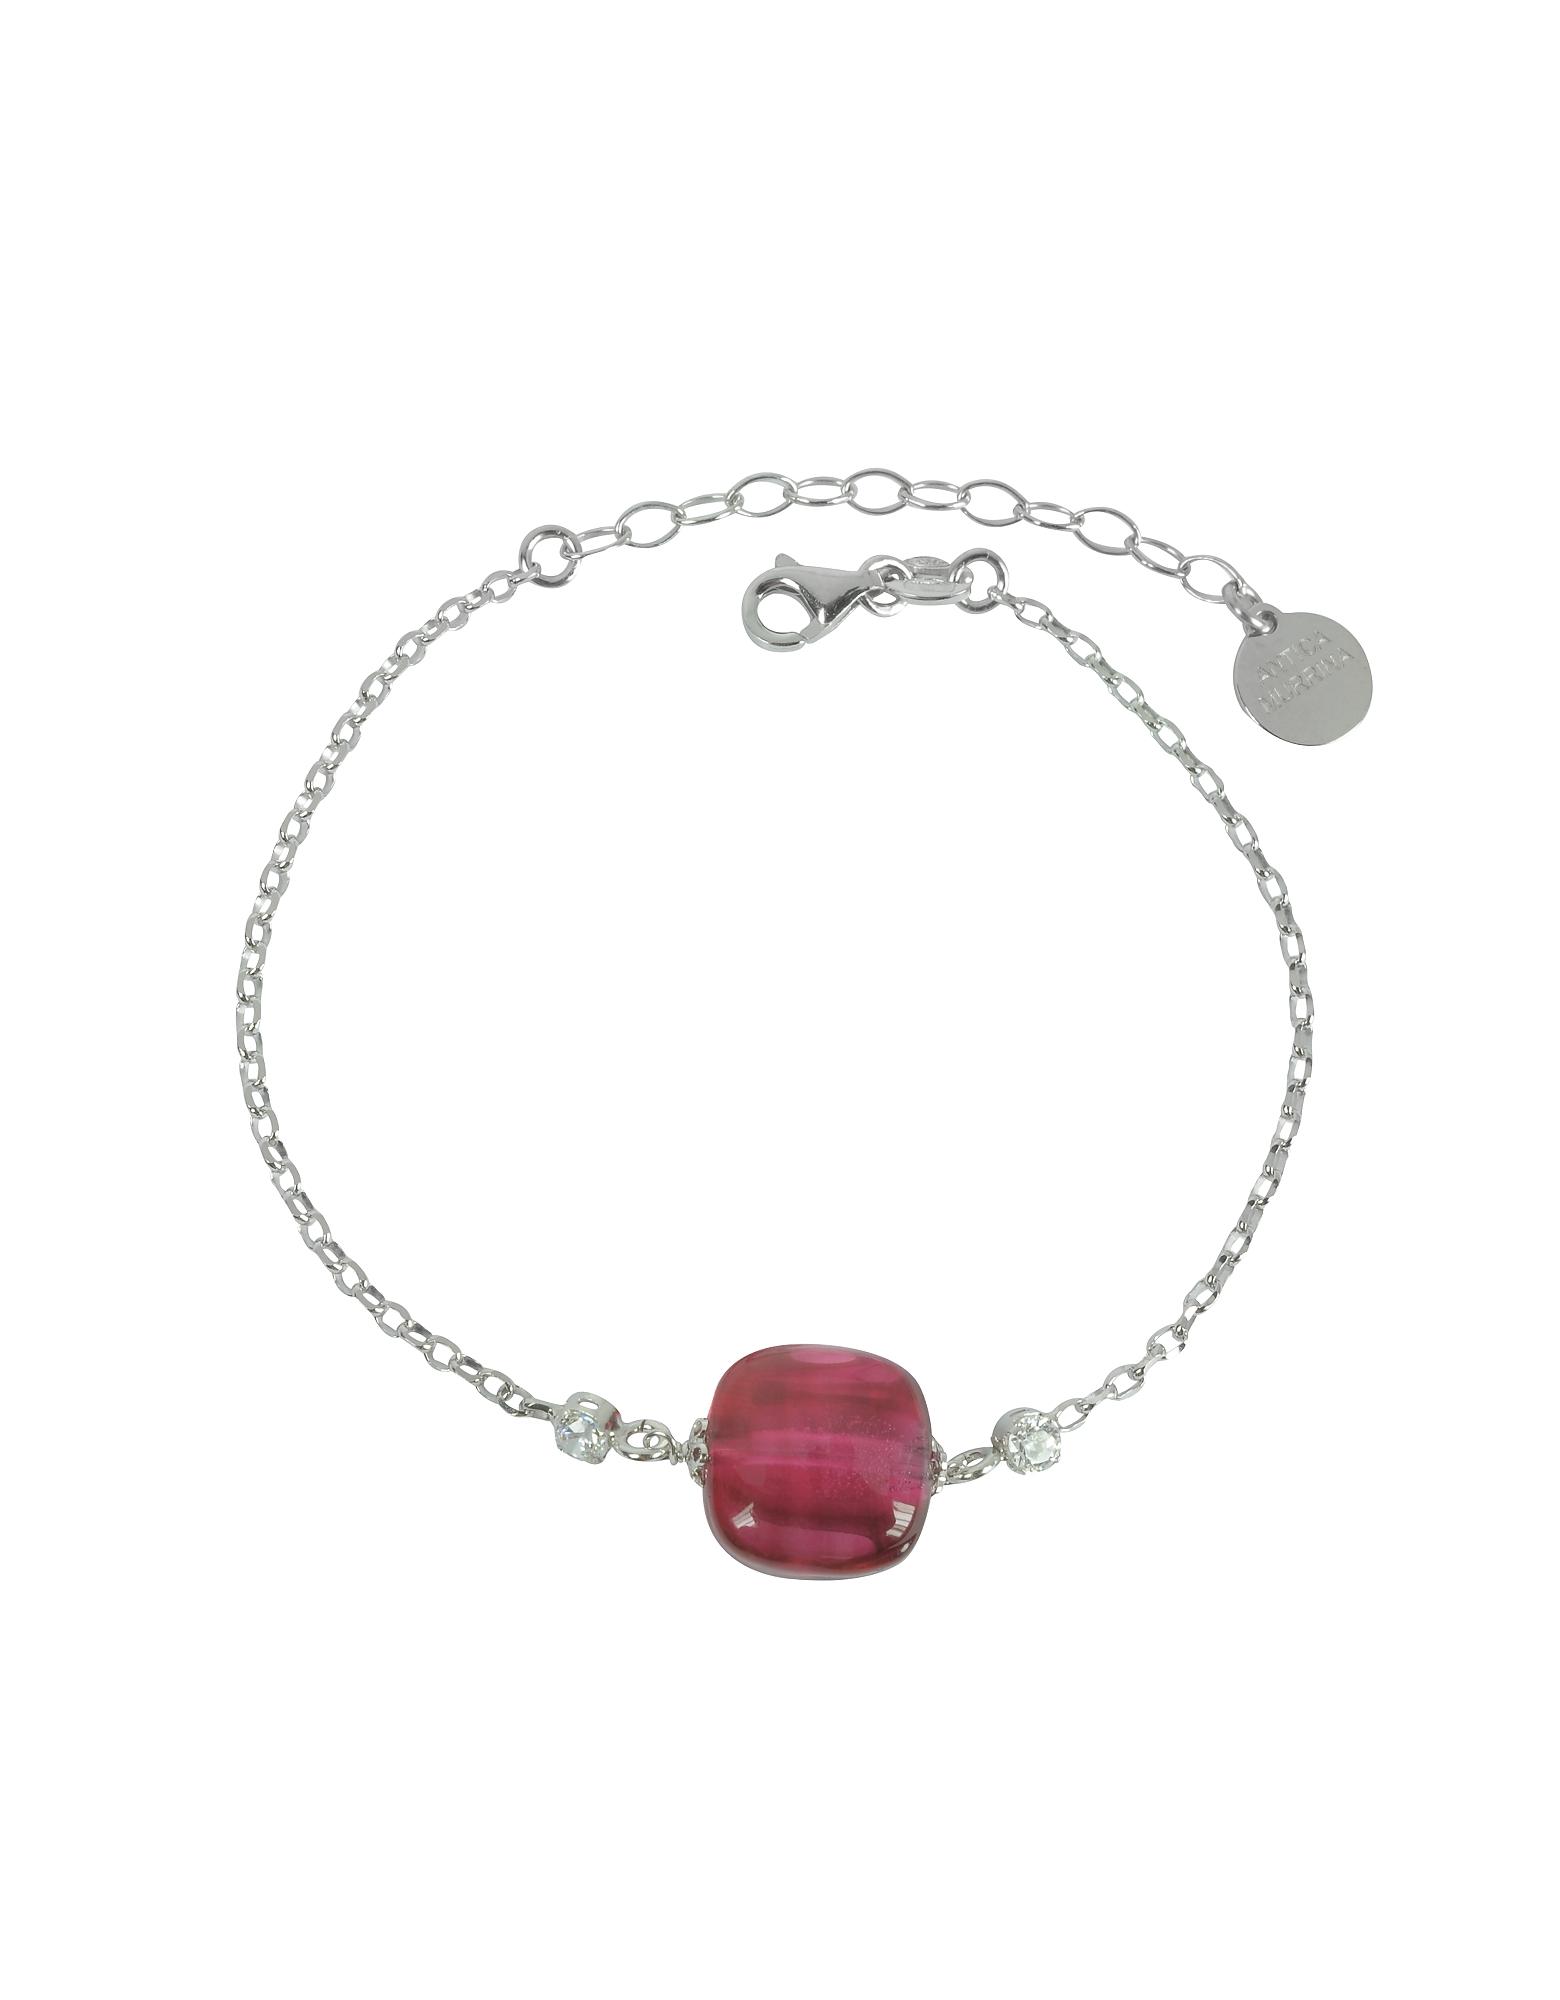 Florinda - Браслет из Стерлингового Серебра и Рубинового Стекла Мурано